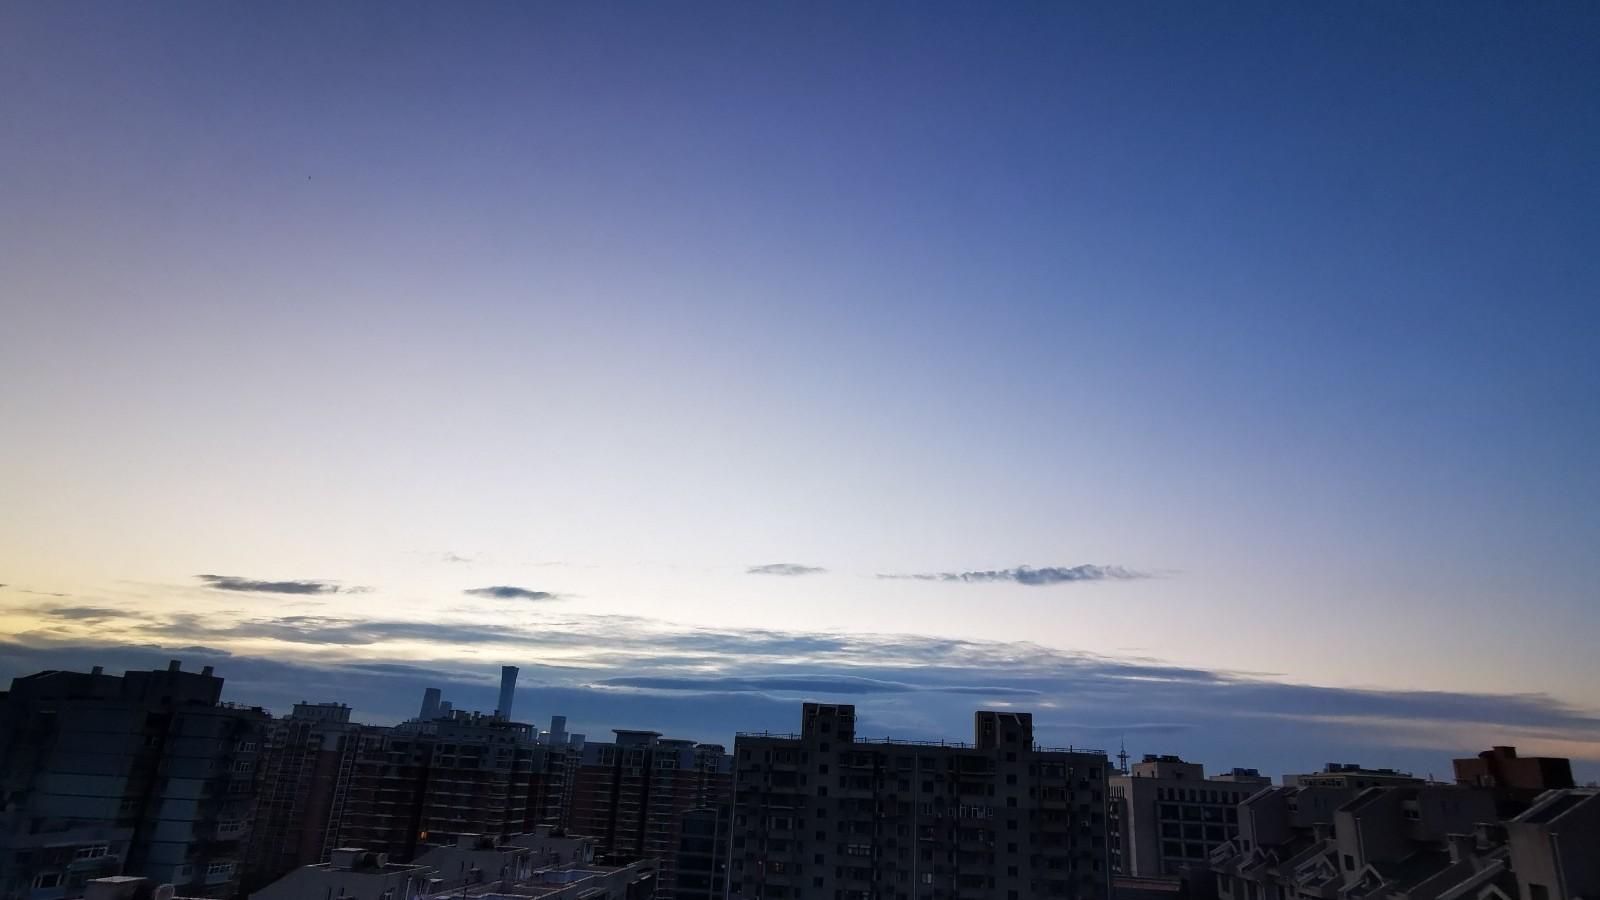 白天紫外线强 午后山区有雷雨